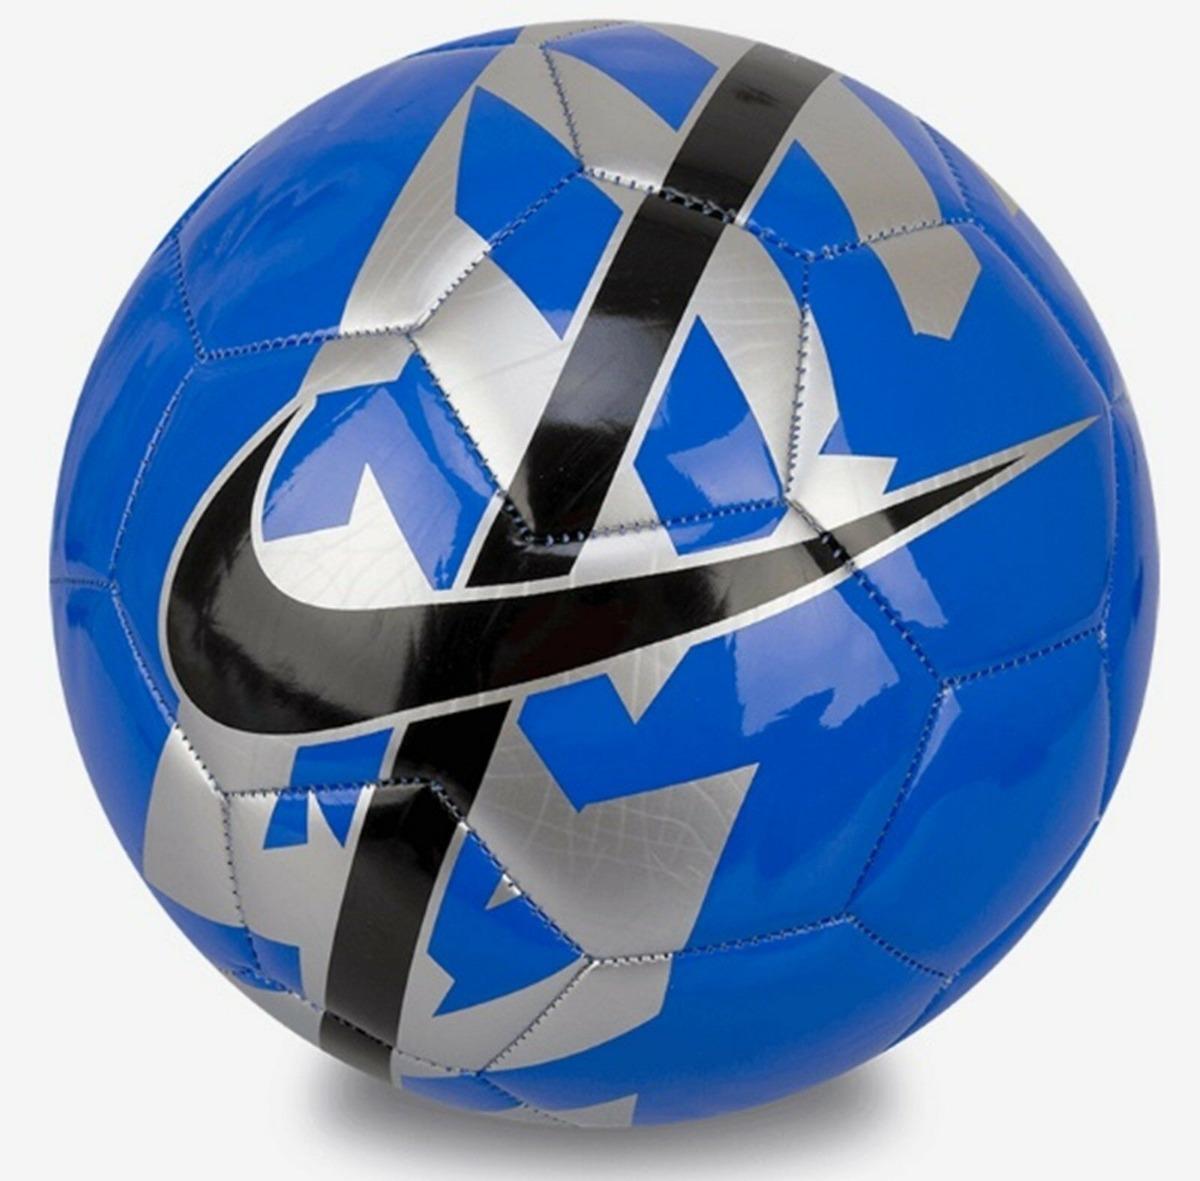 quality design 347a1 4e8cd Pelota Nike Hypervenom React Futbol N° 5